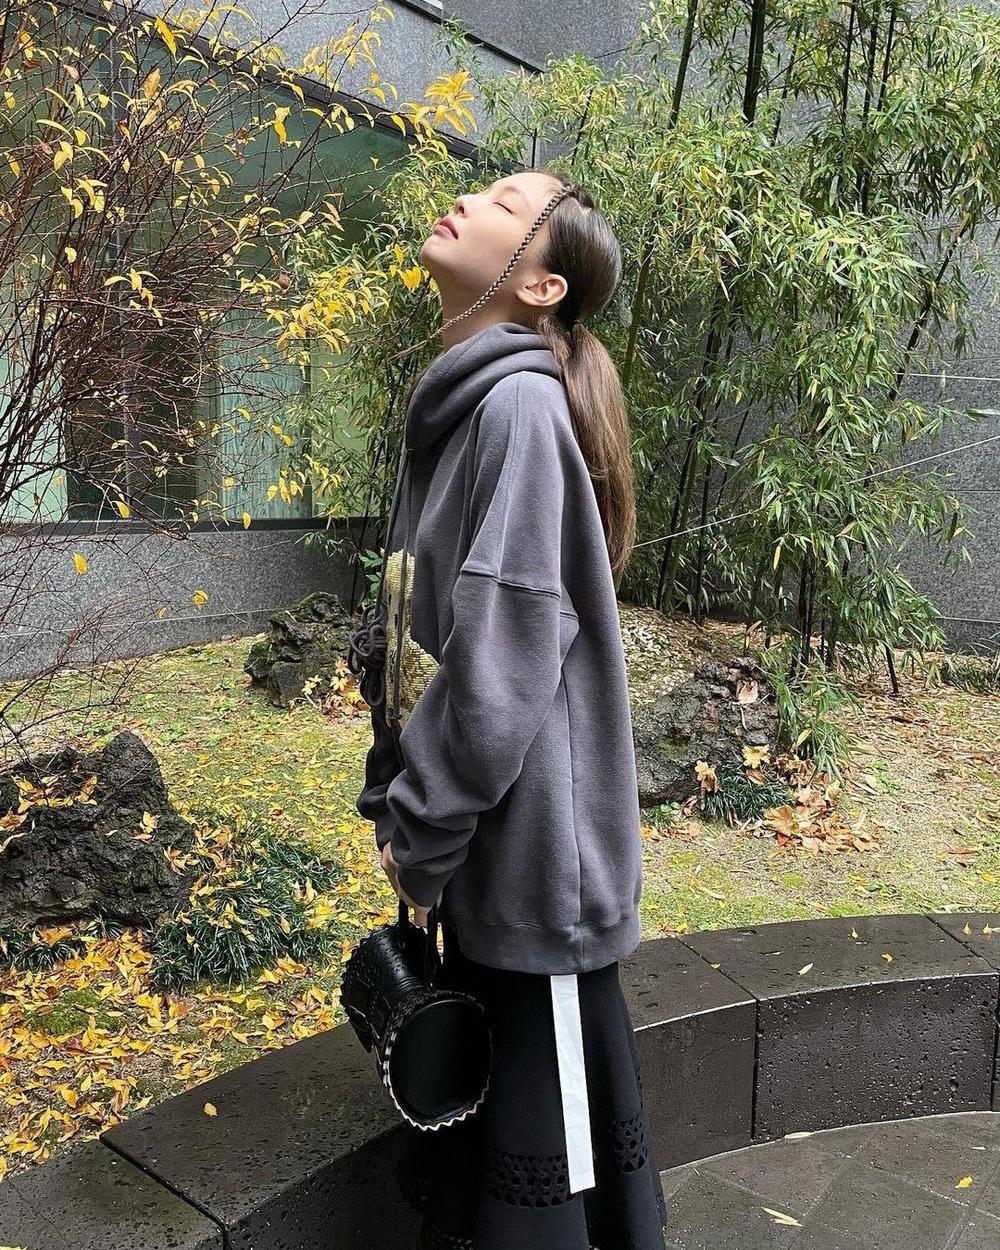 Tạp chí Vogue Anh ca tụng thời trang mùa đông của Jennie Black Pink ứng dụng cao Ảnh 7